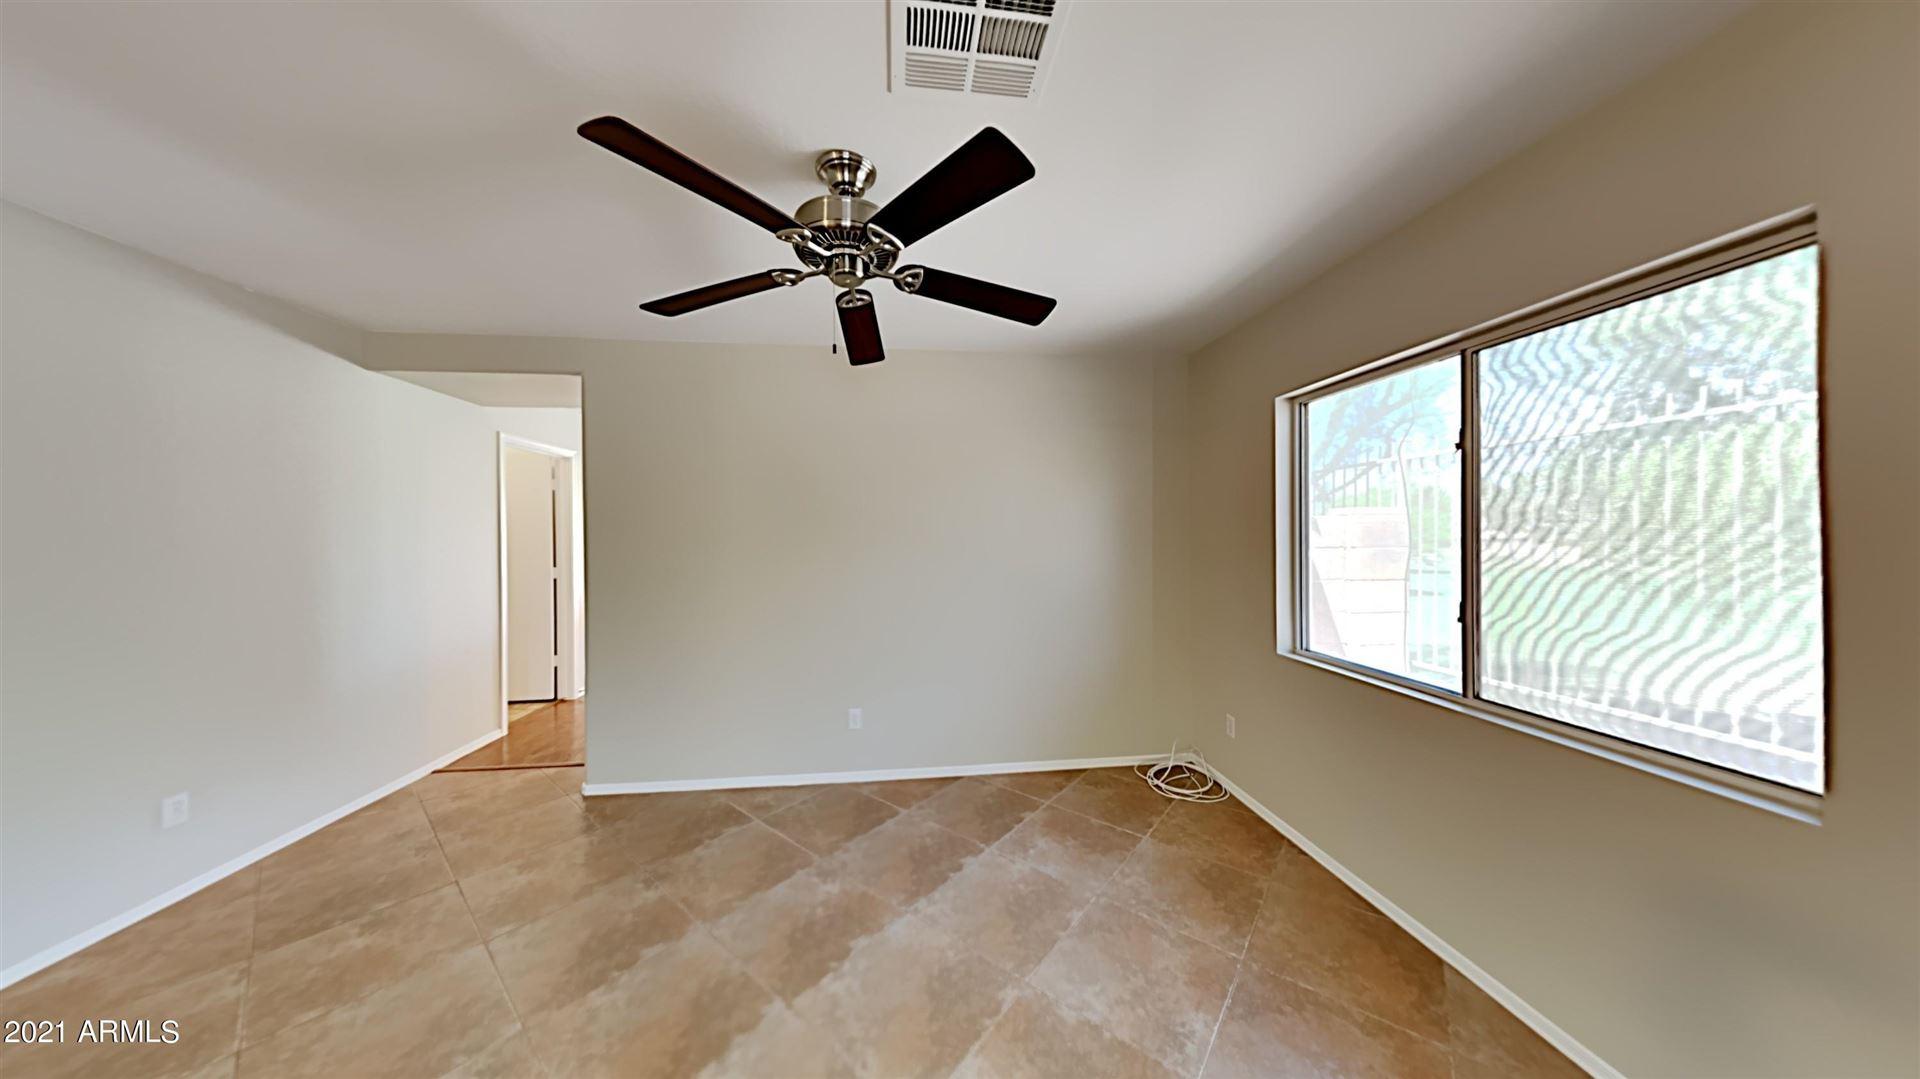 Photo of 22166 W SONORA Street, Buckeye, AZ 85326 (MLS # 6268957)